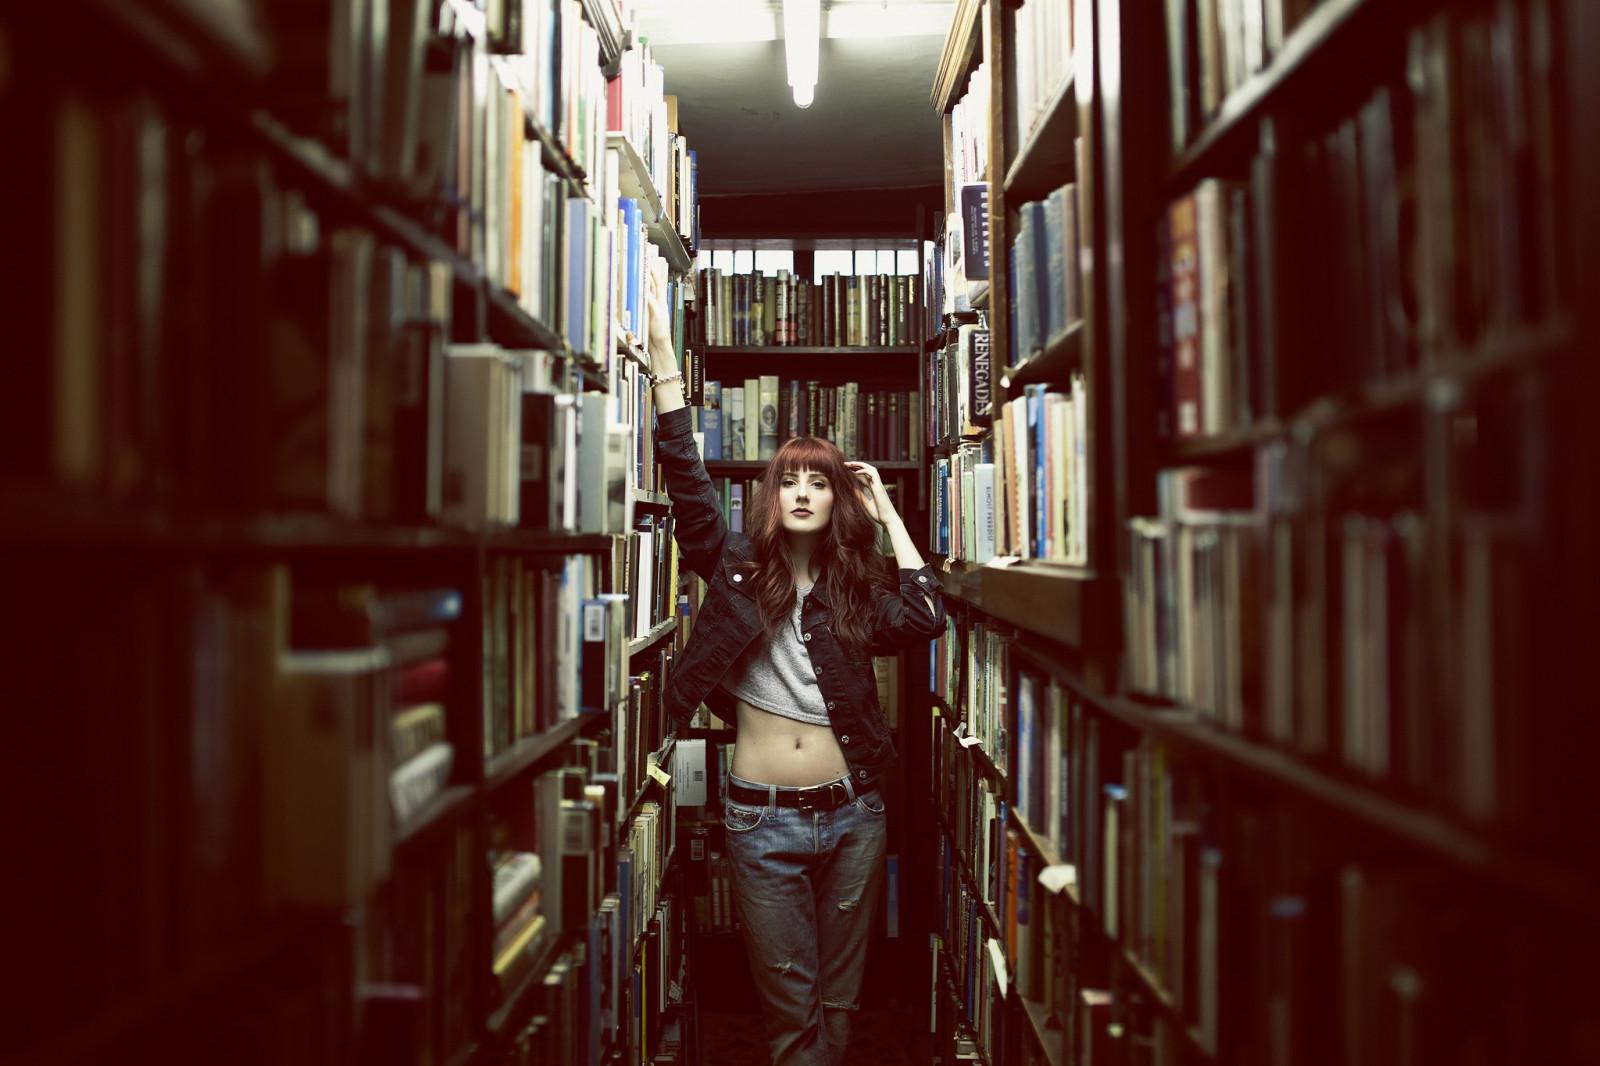 Съем девушки в библиотеке, настоящие оргазмы на видео